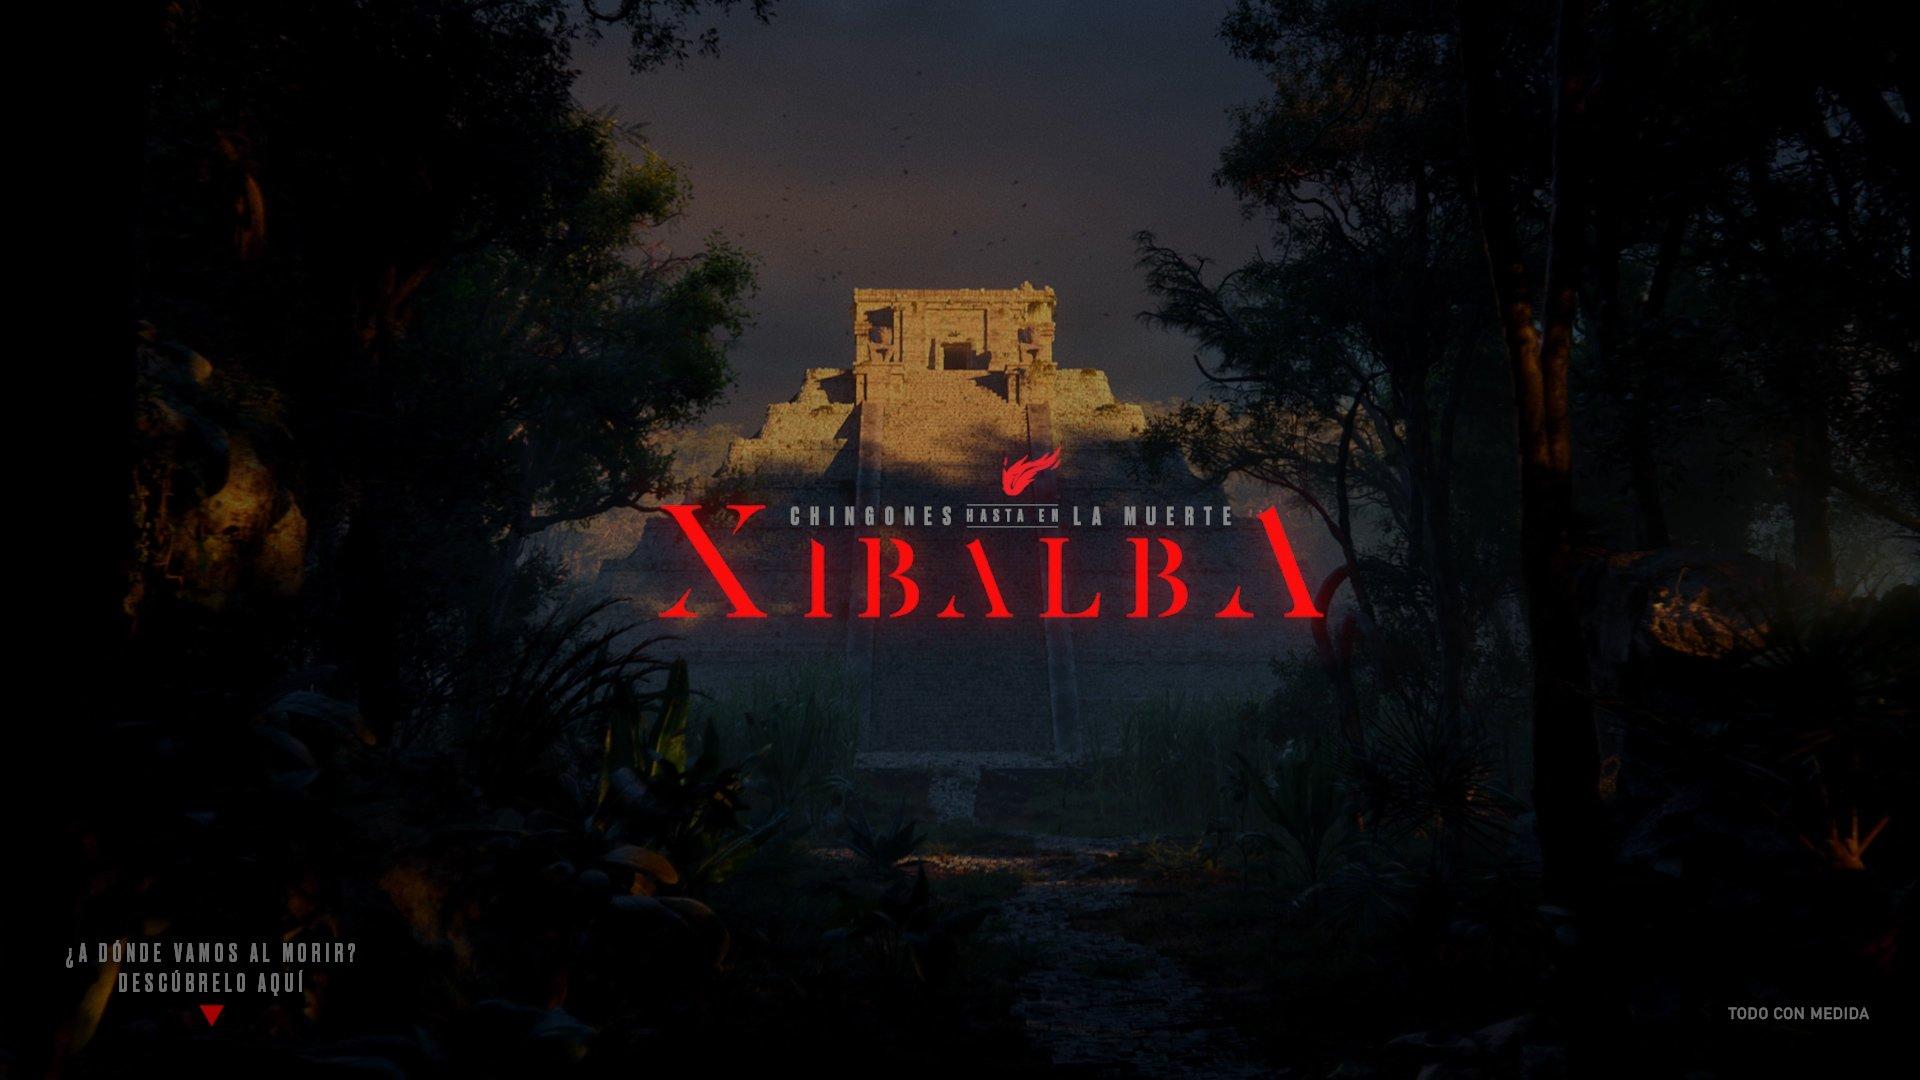 Thumbnail for Xibalba